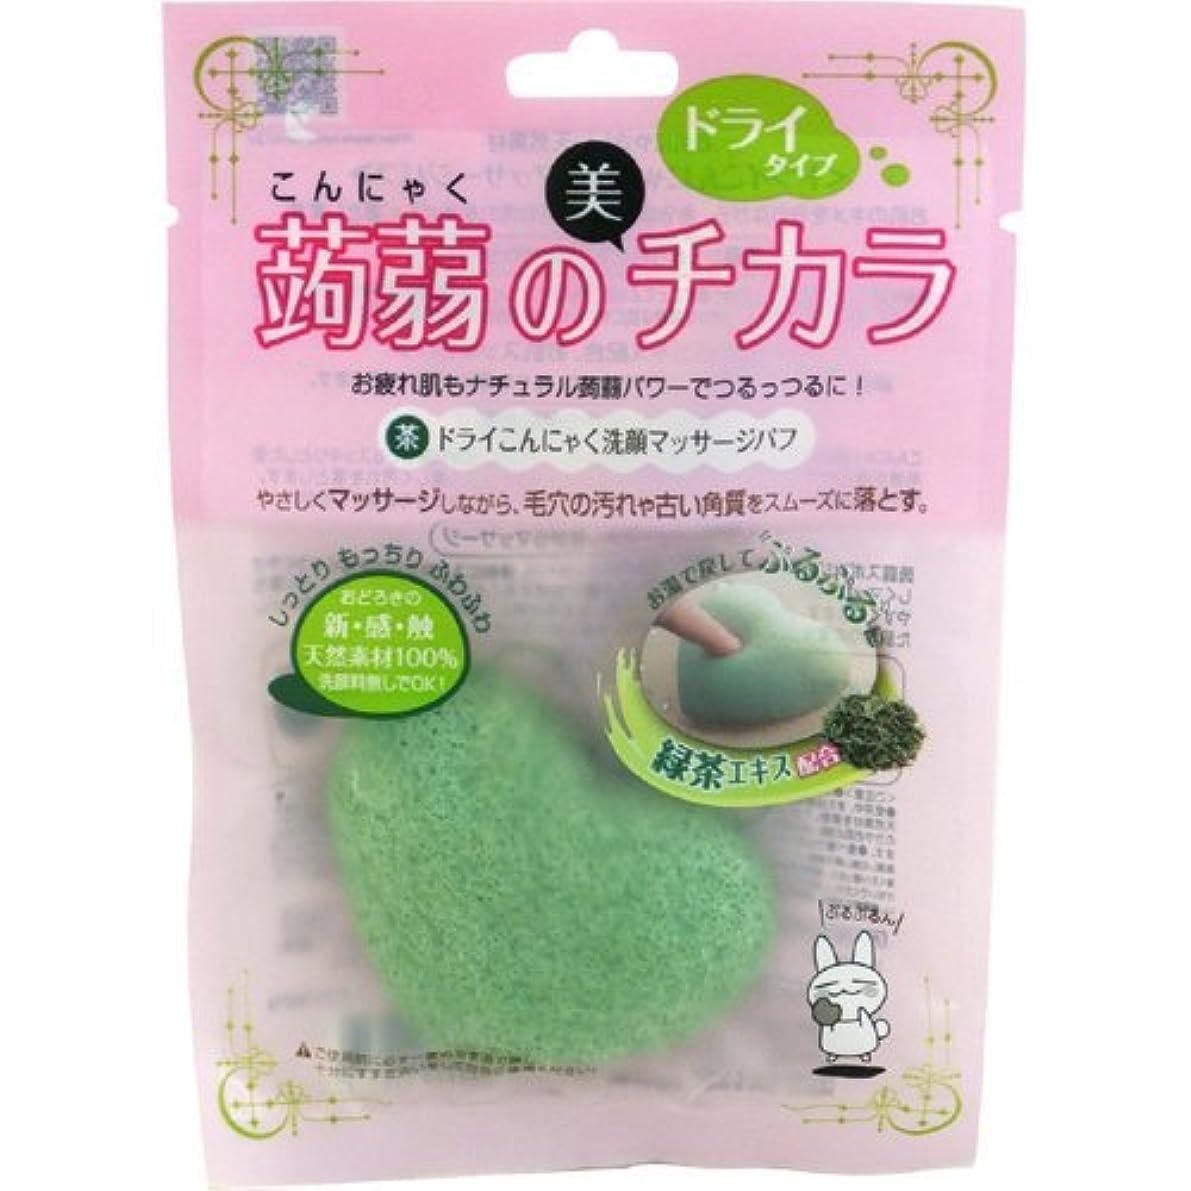 不潔オンス汚いドライ蒟蒻センガンマッサージパフ 緑茶